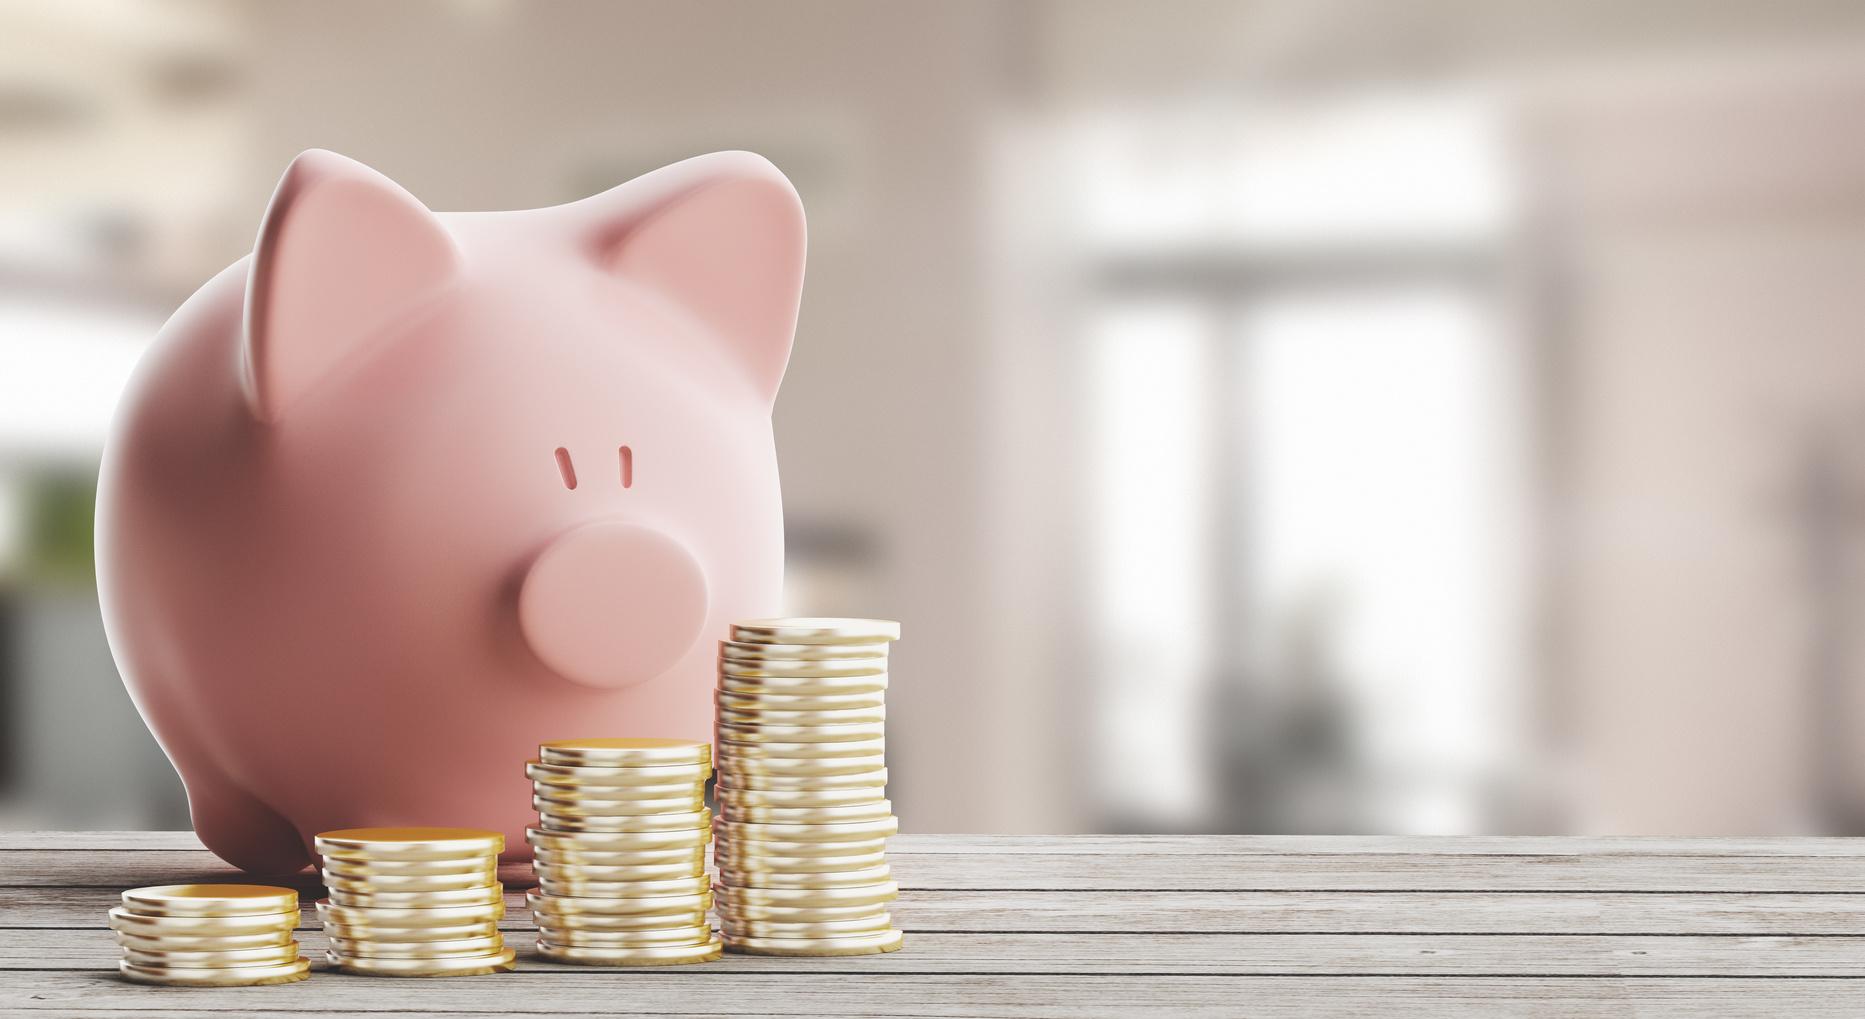 Tirelire cochon et pièces de monnaie